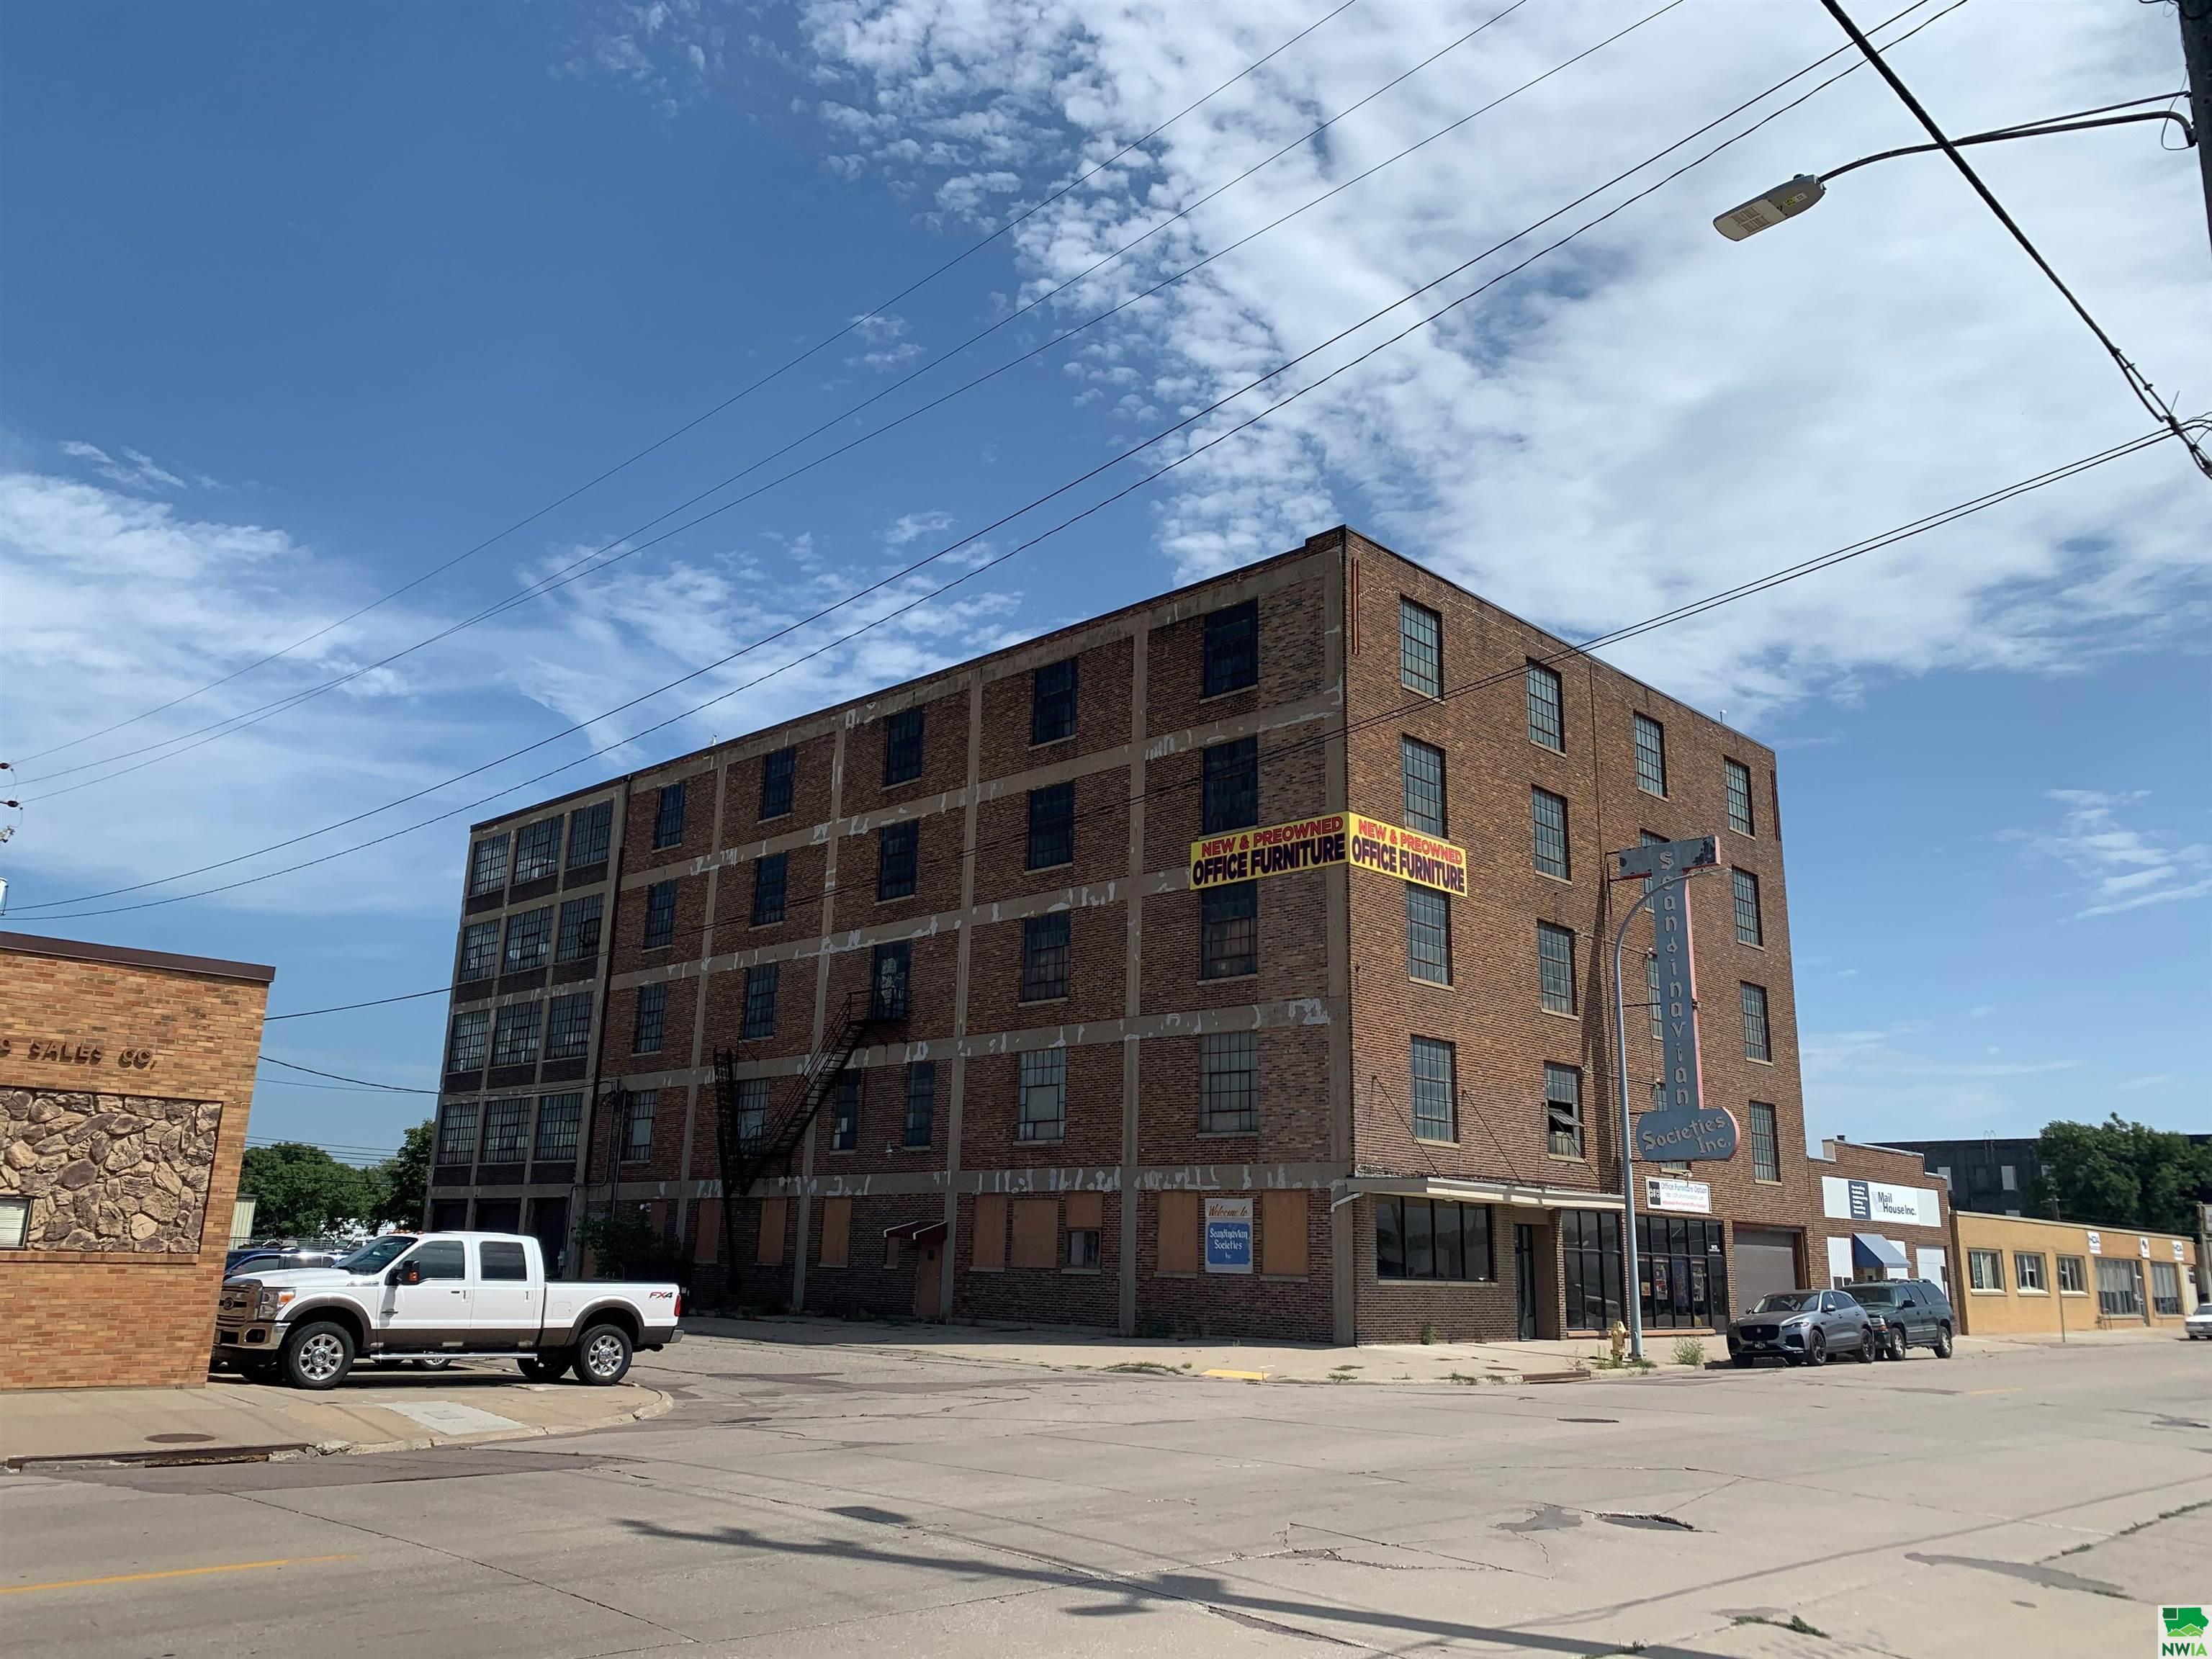 1801 4th St, Sioux City, Iowa 51101-